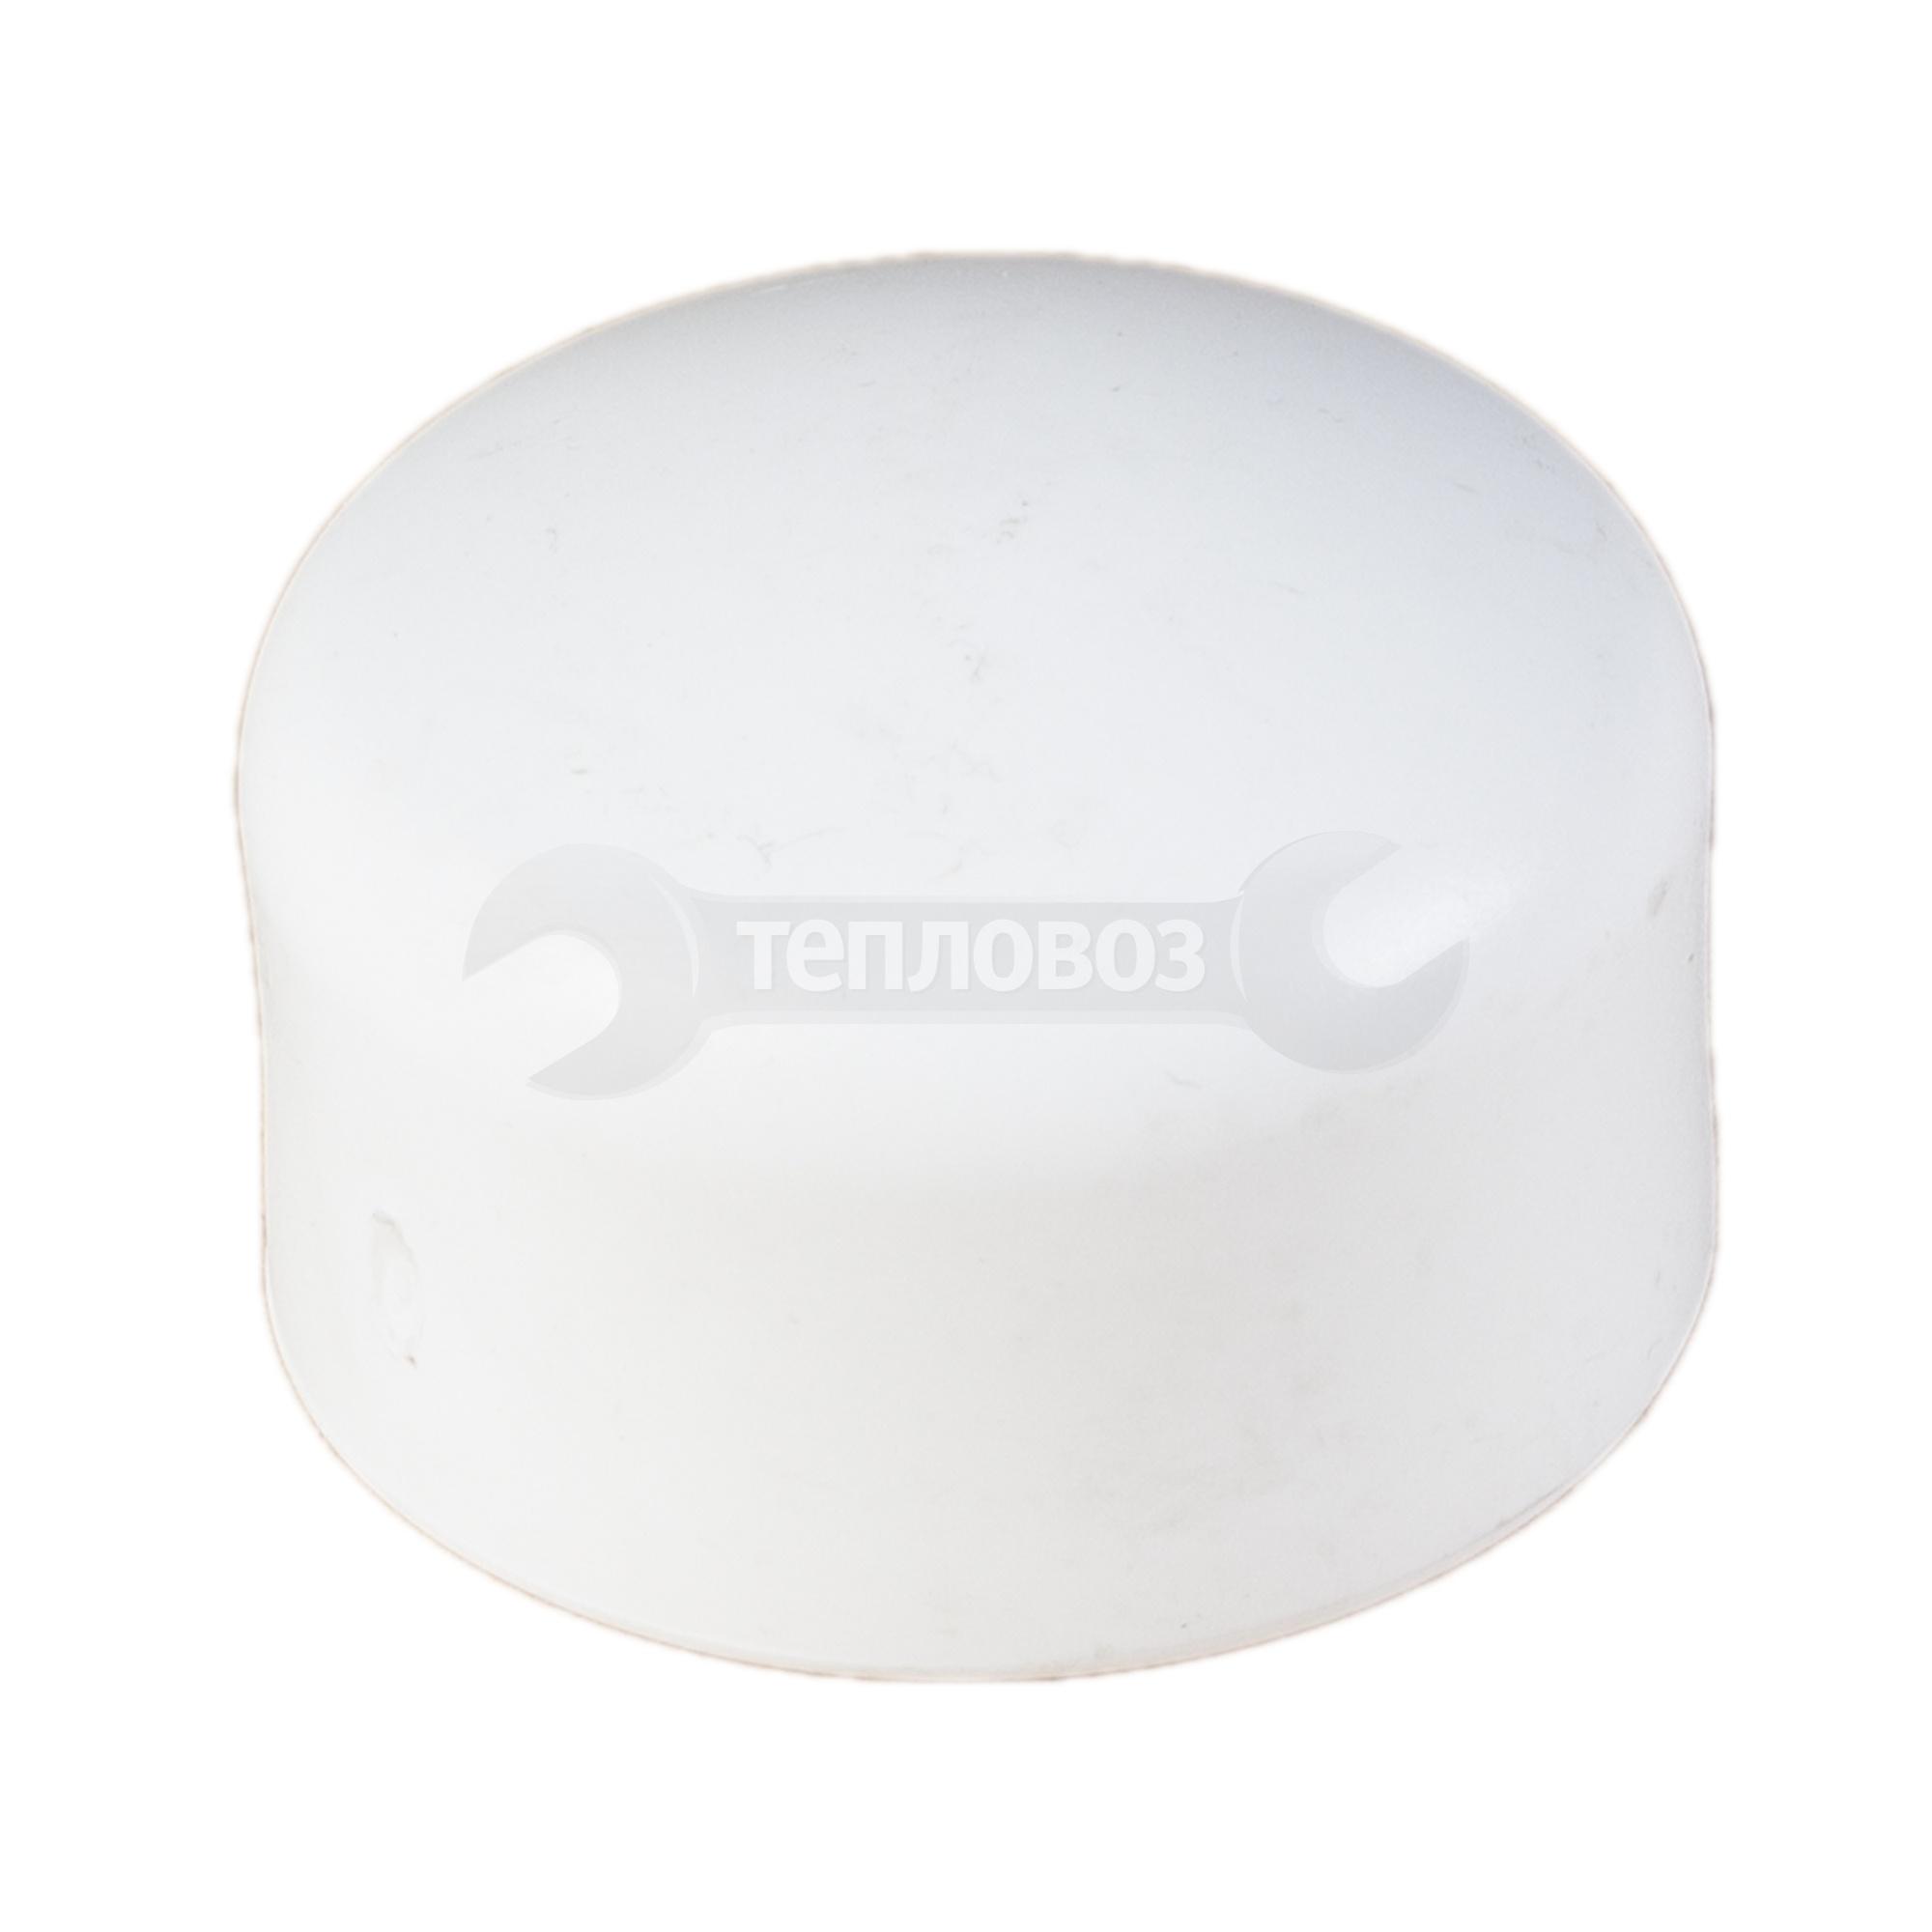 Купить Ростурпласт PPR 40 мм в интернет-магазине Дождь